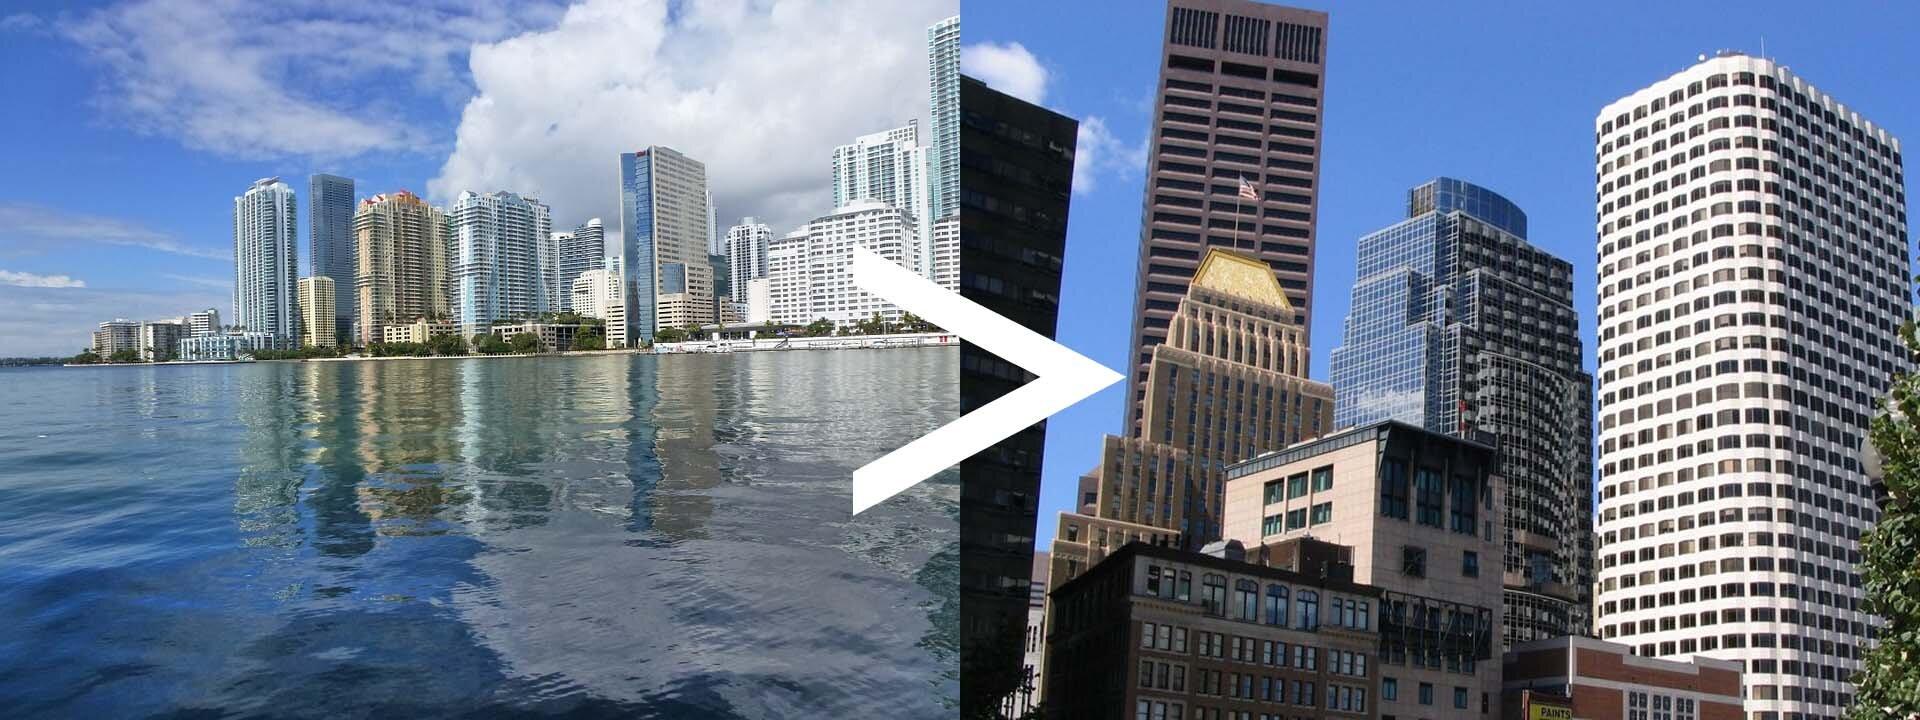 Florida to Massachusetts Auto Transport